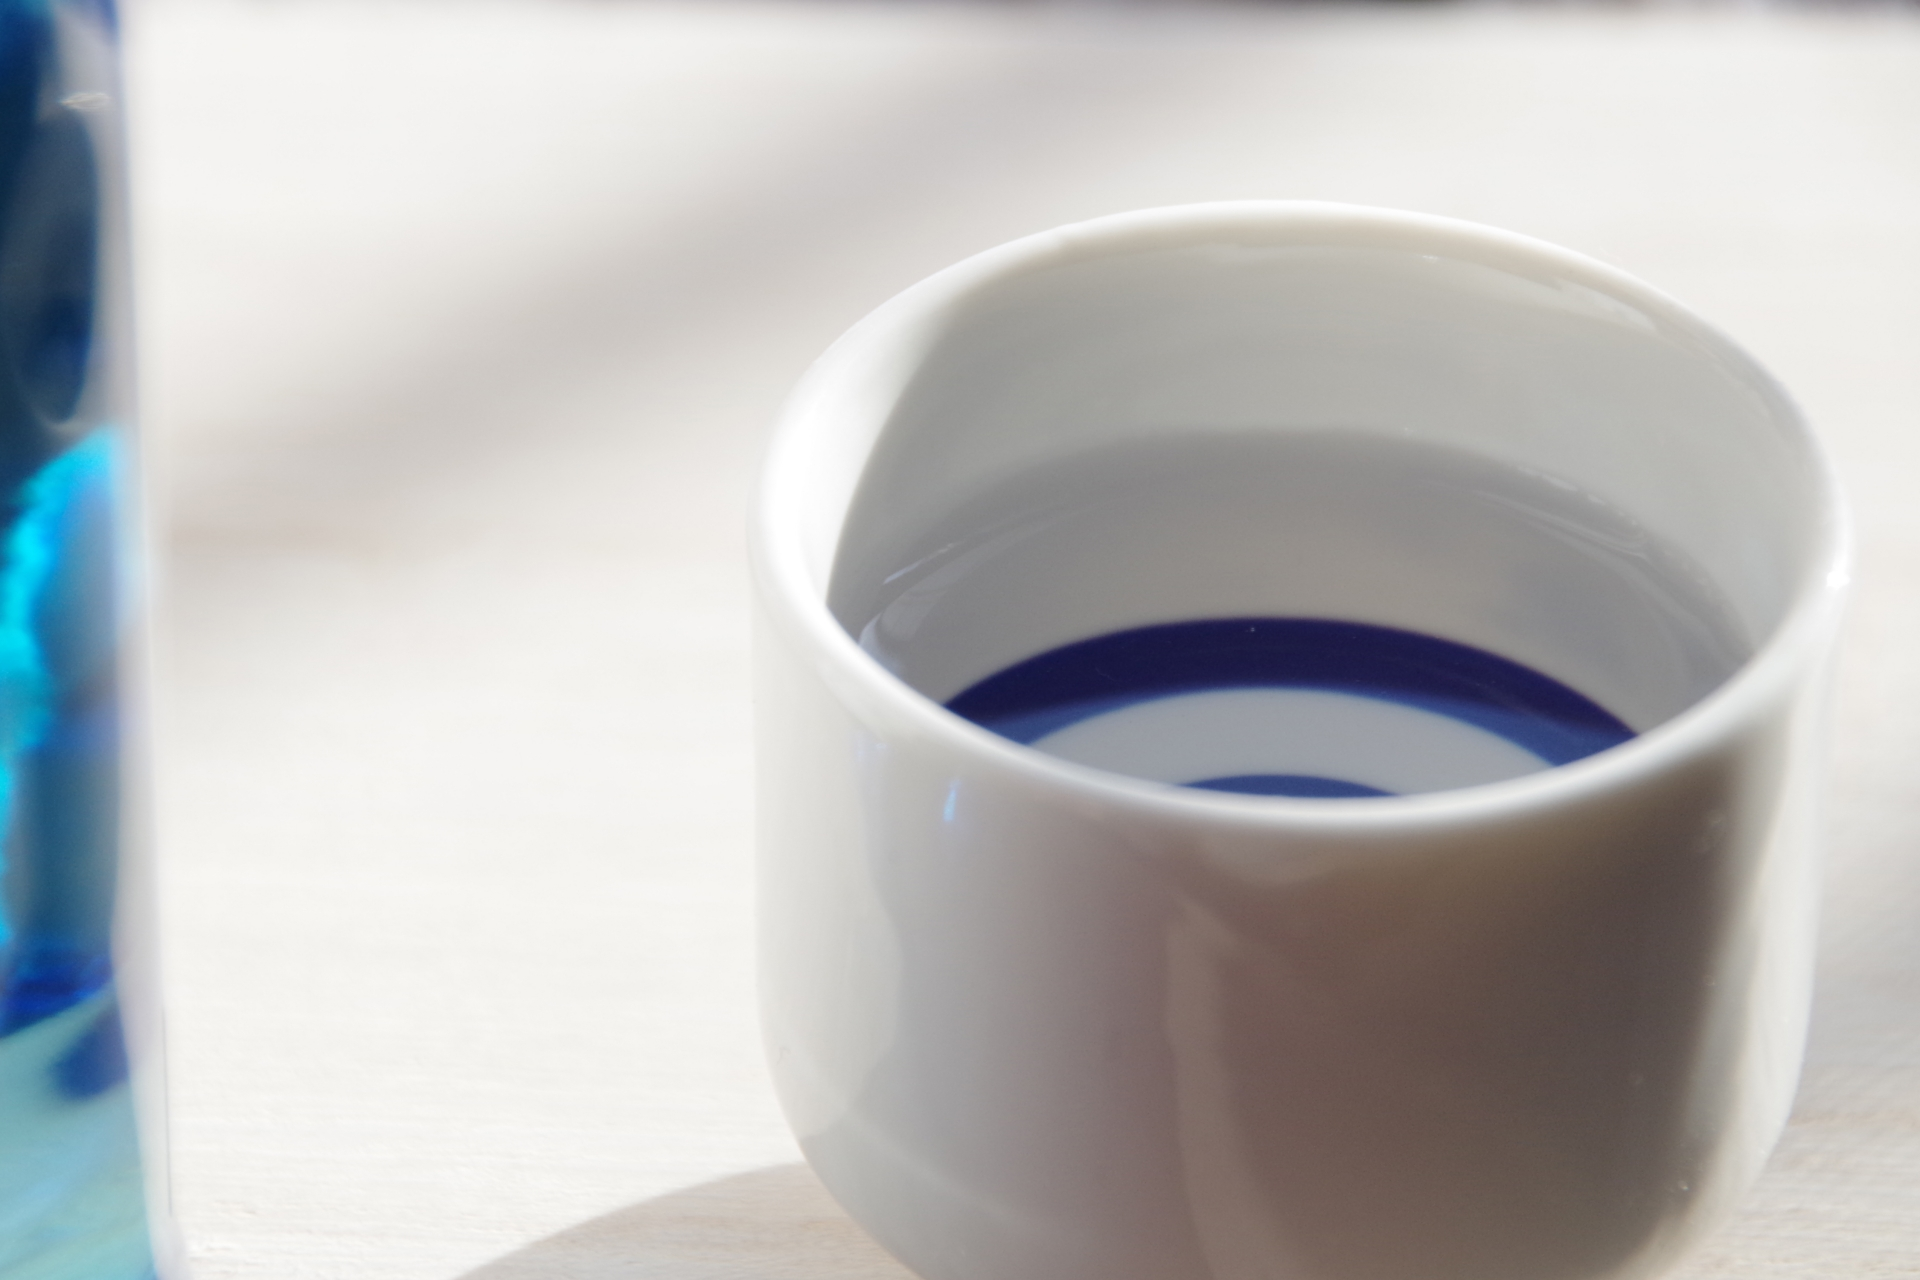 新潟「ぽんしゅ館」とは?県内のお酒を楽しめる話題のスポットへ行こう!